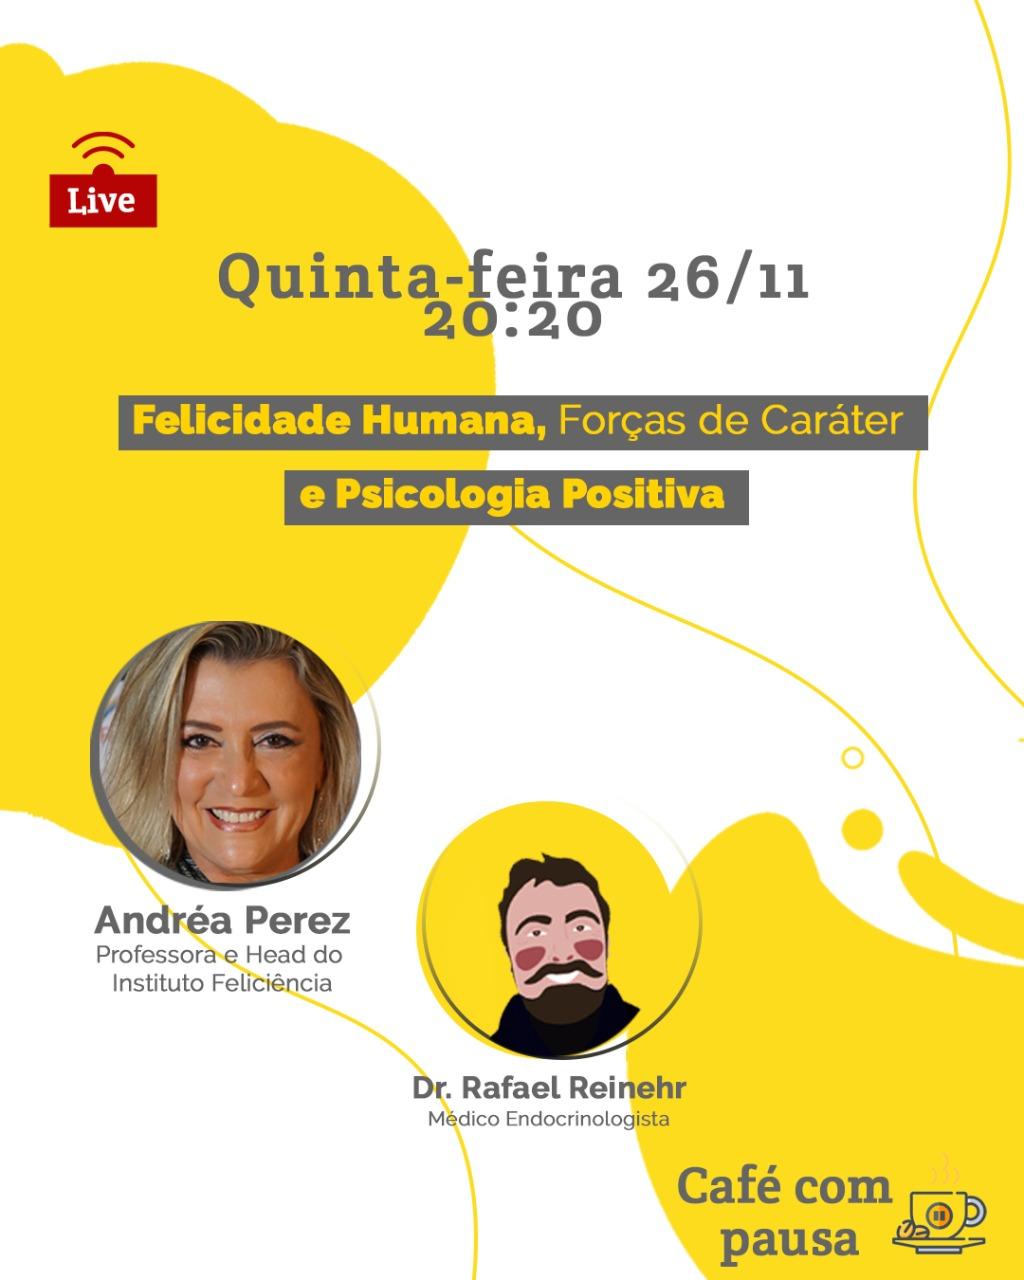 Café com Pausa #012 – Andréa Perez Corrêa – Felicidade Humana, Forças de Caráter e Psicologia Positiva